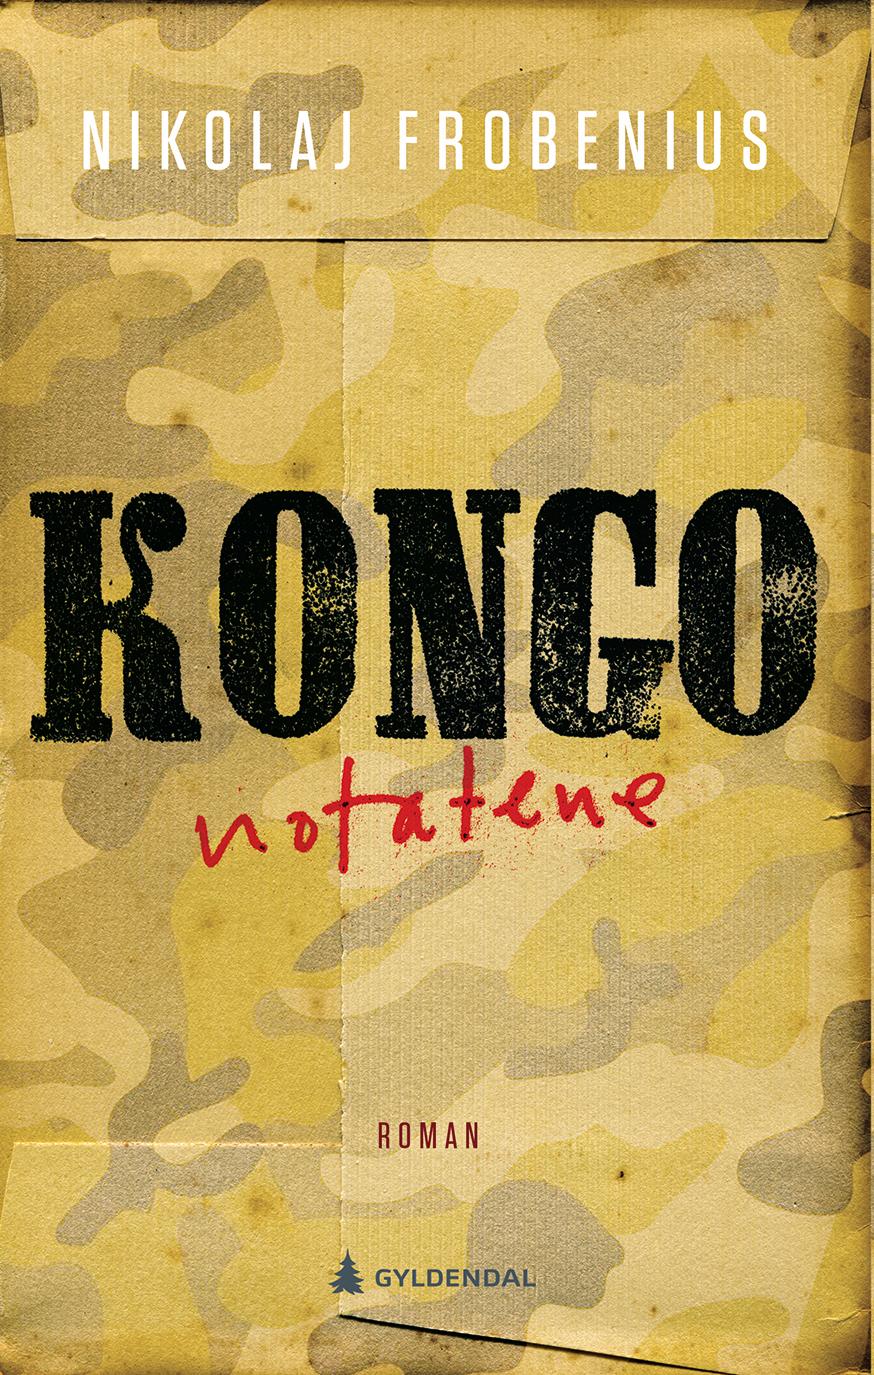 Kongonotatene - Hva skjedde egentlig i Kongo?